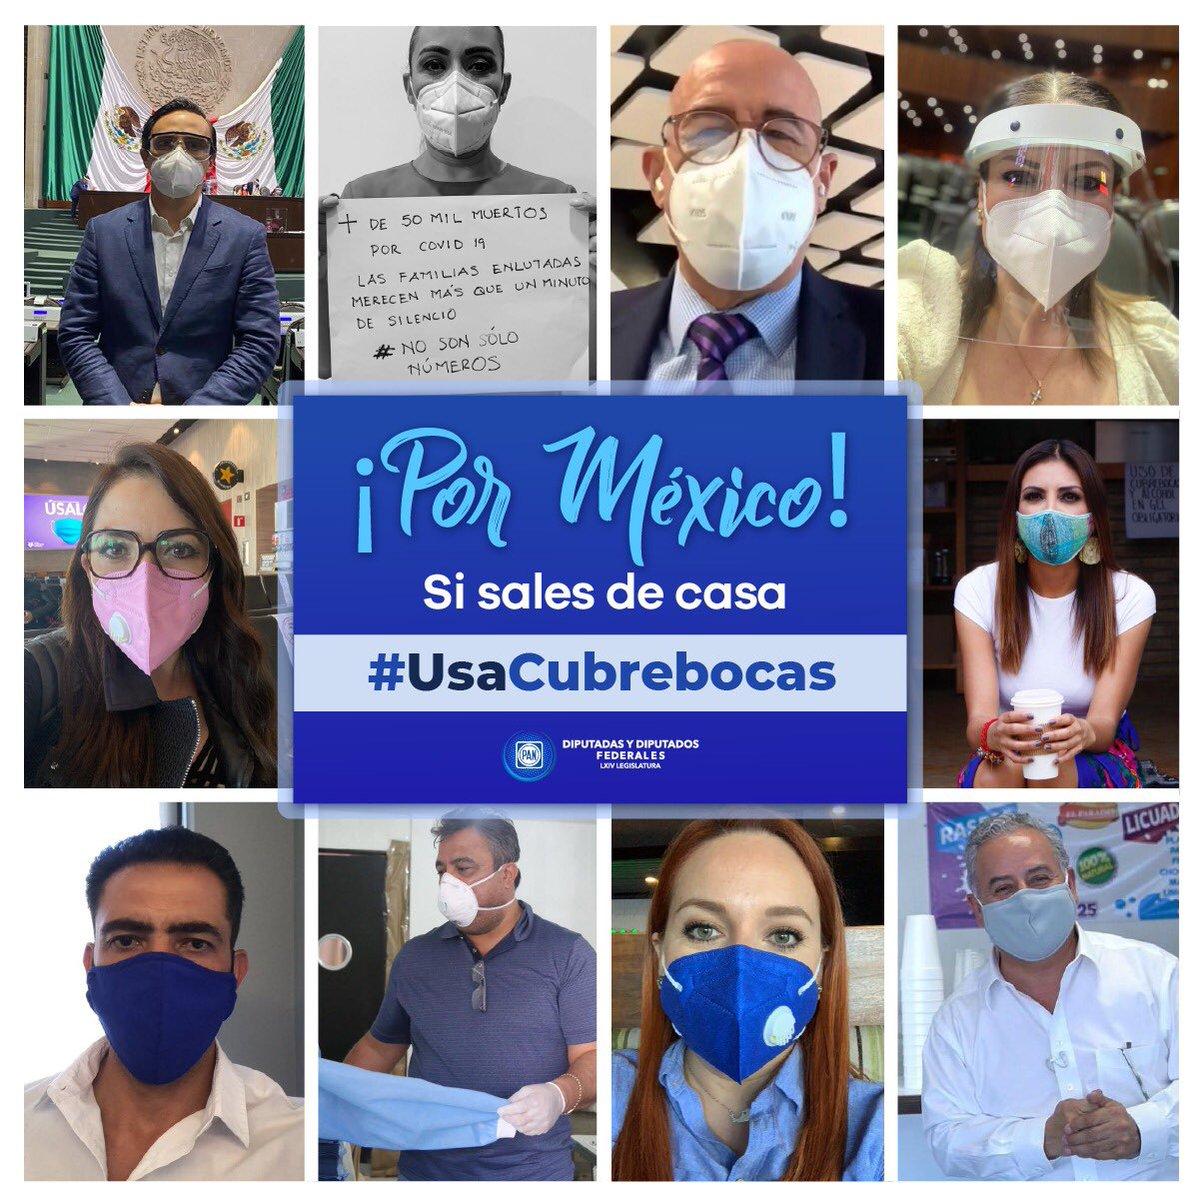 La crisis sanitaria por #COVID19 no ha terminado, tenemos que seguir cuidándonos para salir adelante de esta pandemia. #UsaCubrebocas https://t.co/U4bxQmjvF4